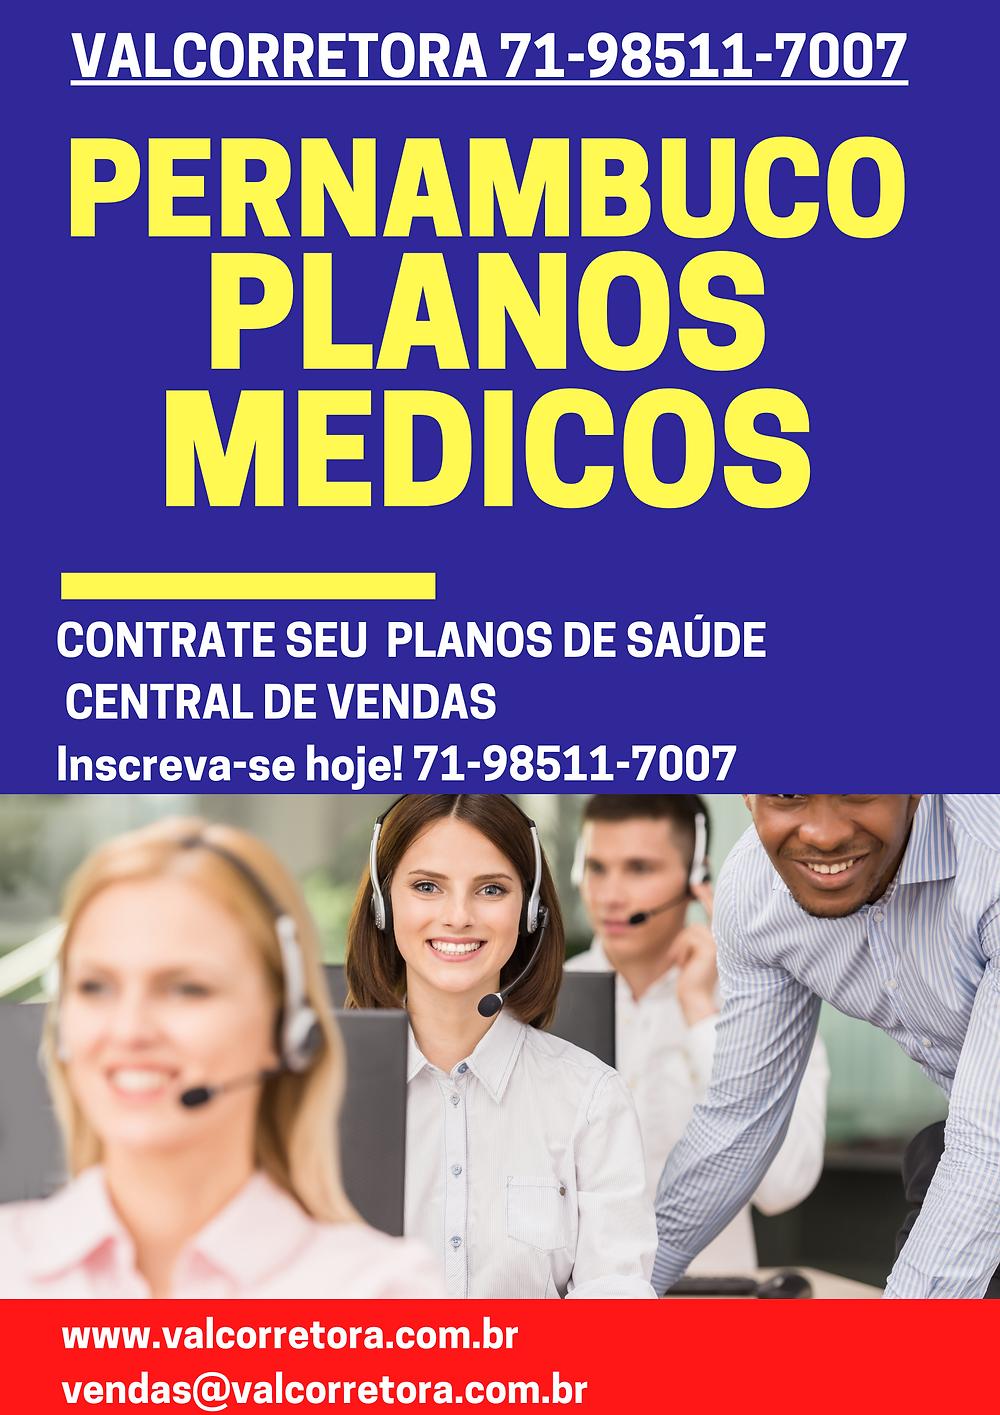 Planos de Saúde Adesão Individual Planos de Saúde Adesão Familiar Planos de Saúde Adesão Empresarial Central de Vendas de Planos de Saúde Corretora Vendas de Planos de Saúde em Pernambuco